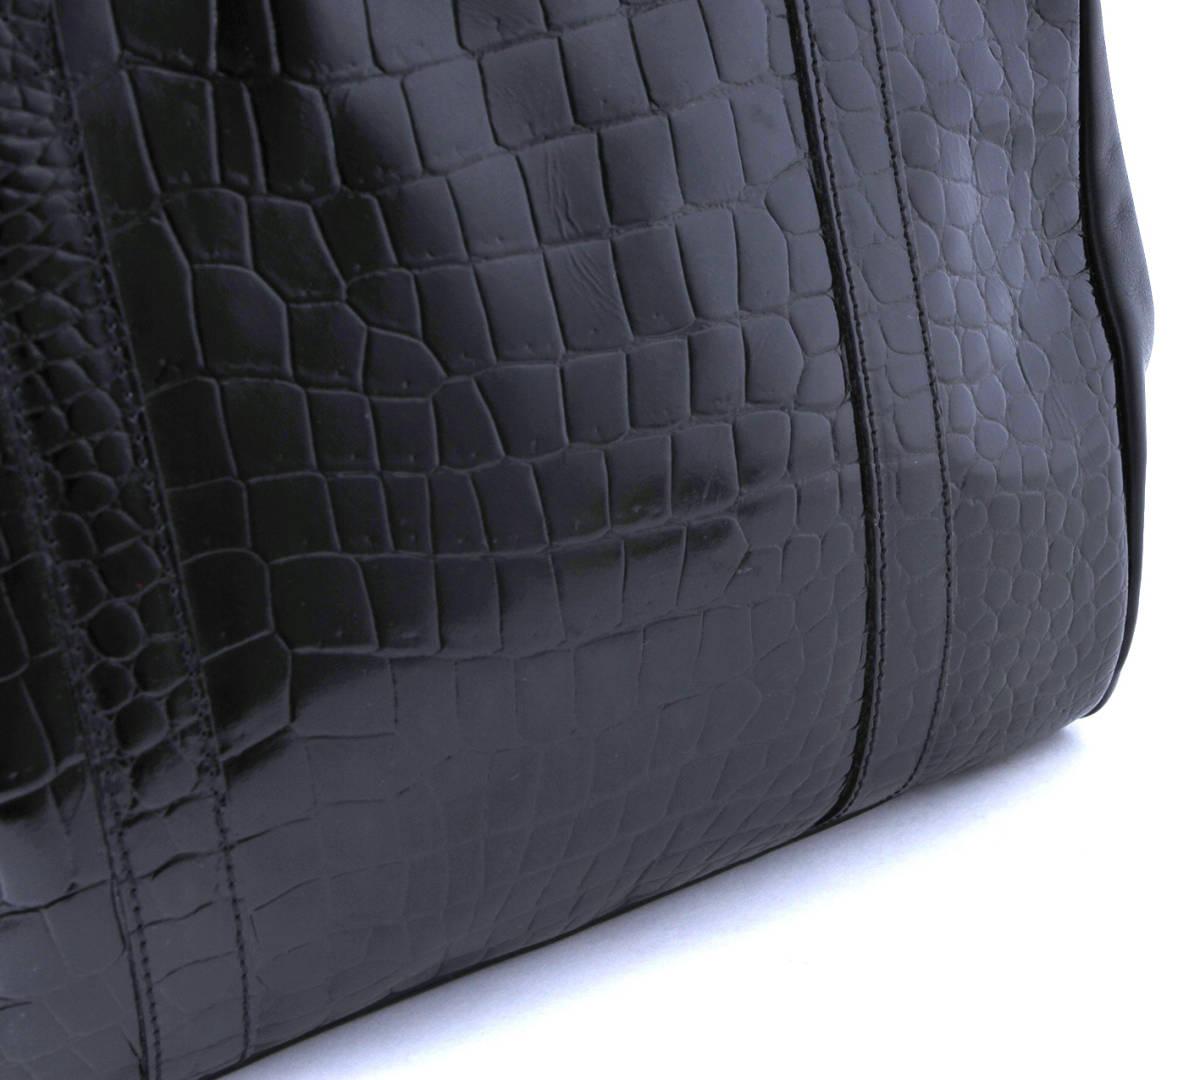 美品 FENDI フェンディ 本ワニ革 クロコダイル ×レザー トートバッグ ショルダーバッグ イタリア製 黒 ブラック ヴィンテージ_画像4